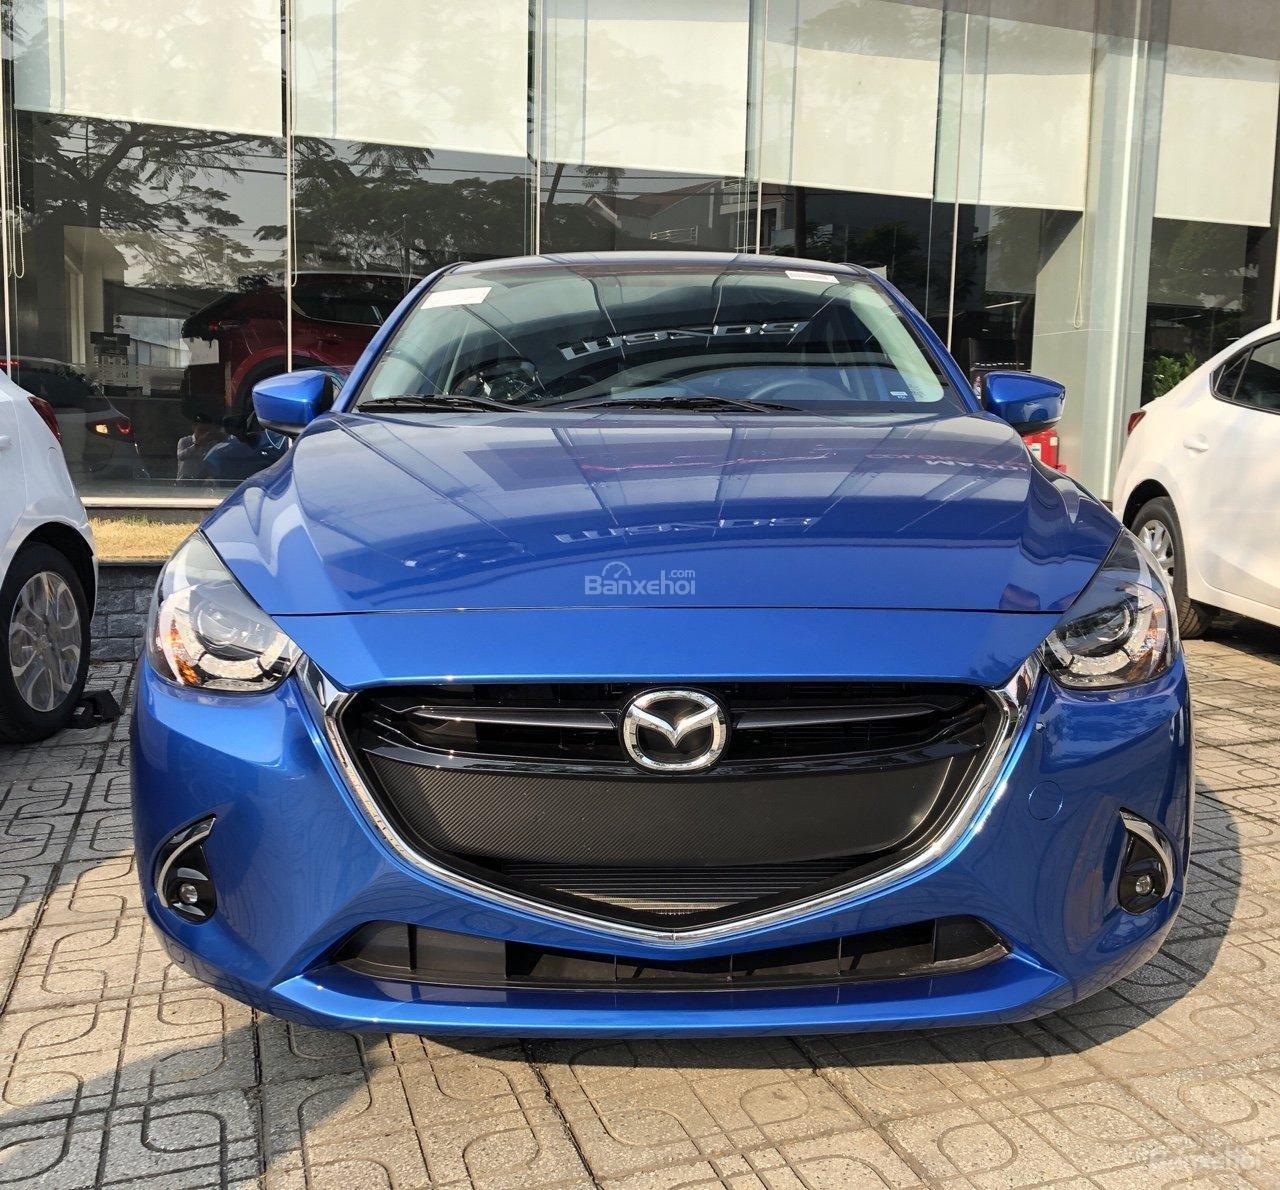 Bán Mazda 2 1.5 AT 2019, xe nhập nguyên chiếc, LH 0941 322 979 [Mazda Bình Triệu] (1)